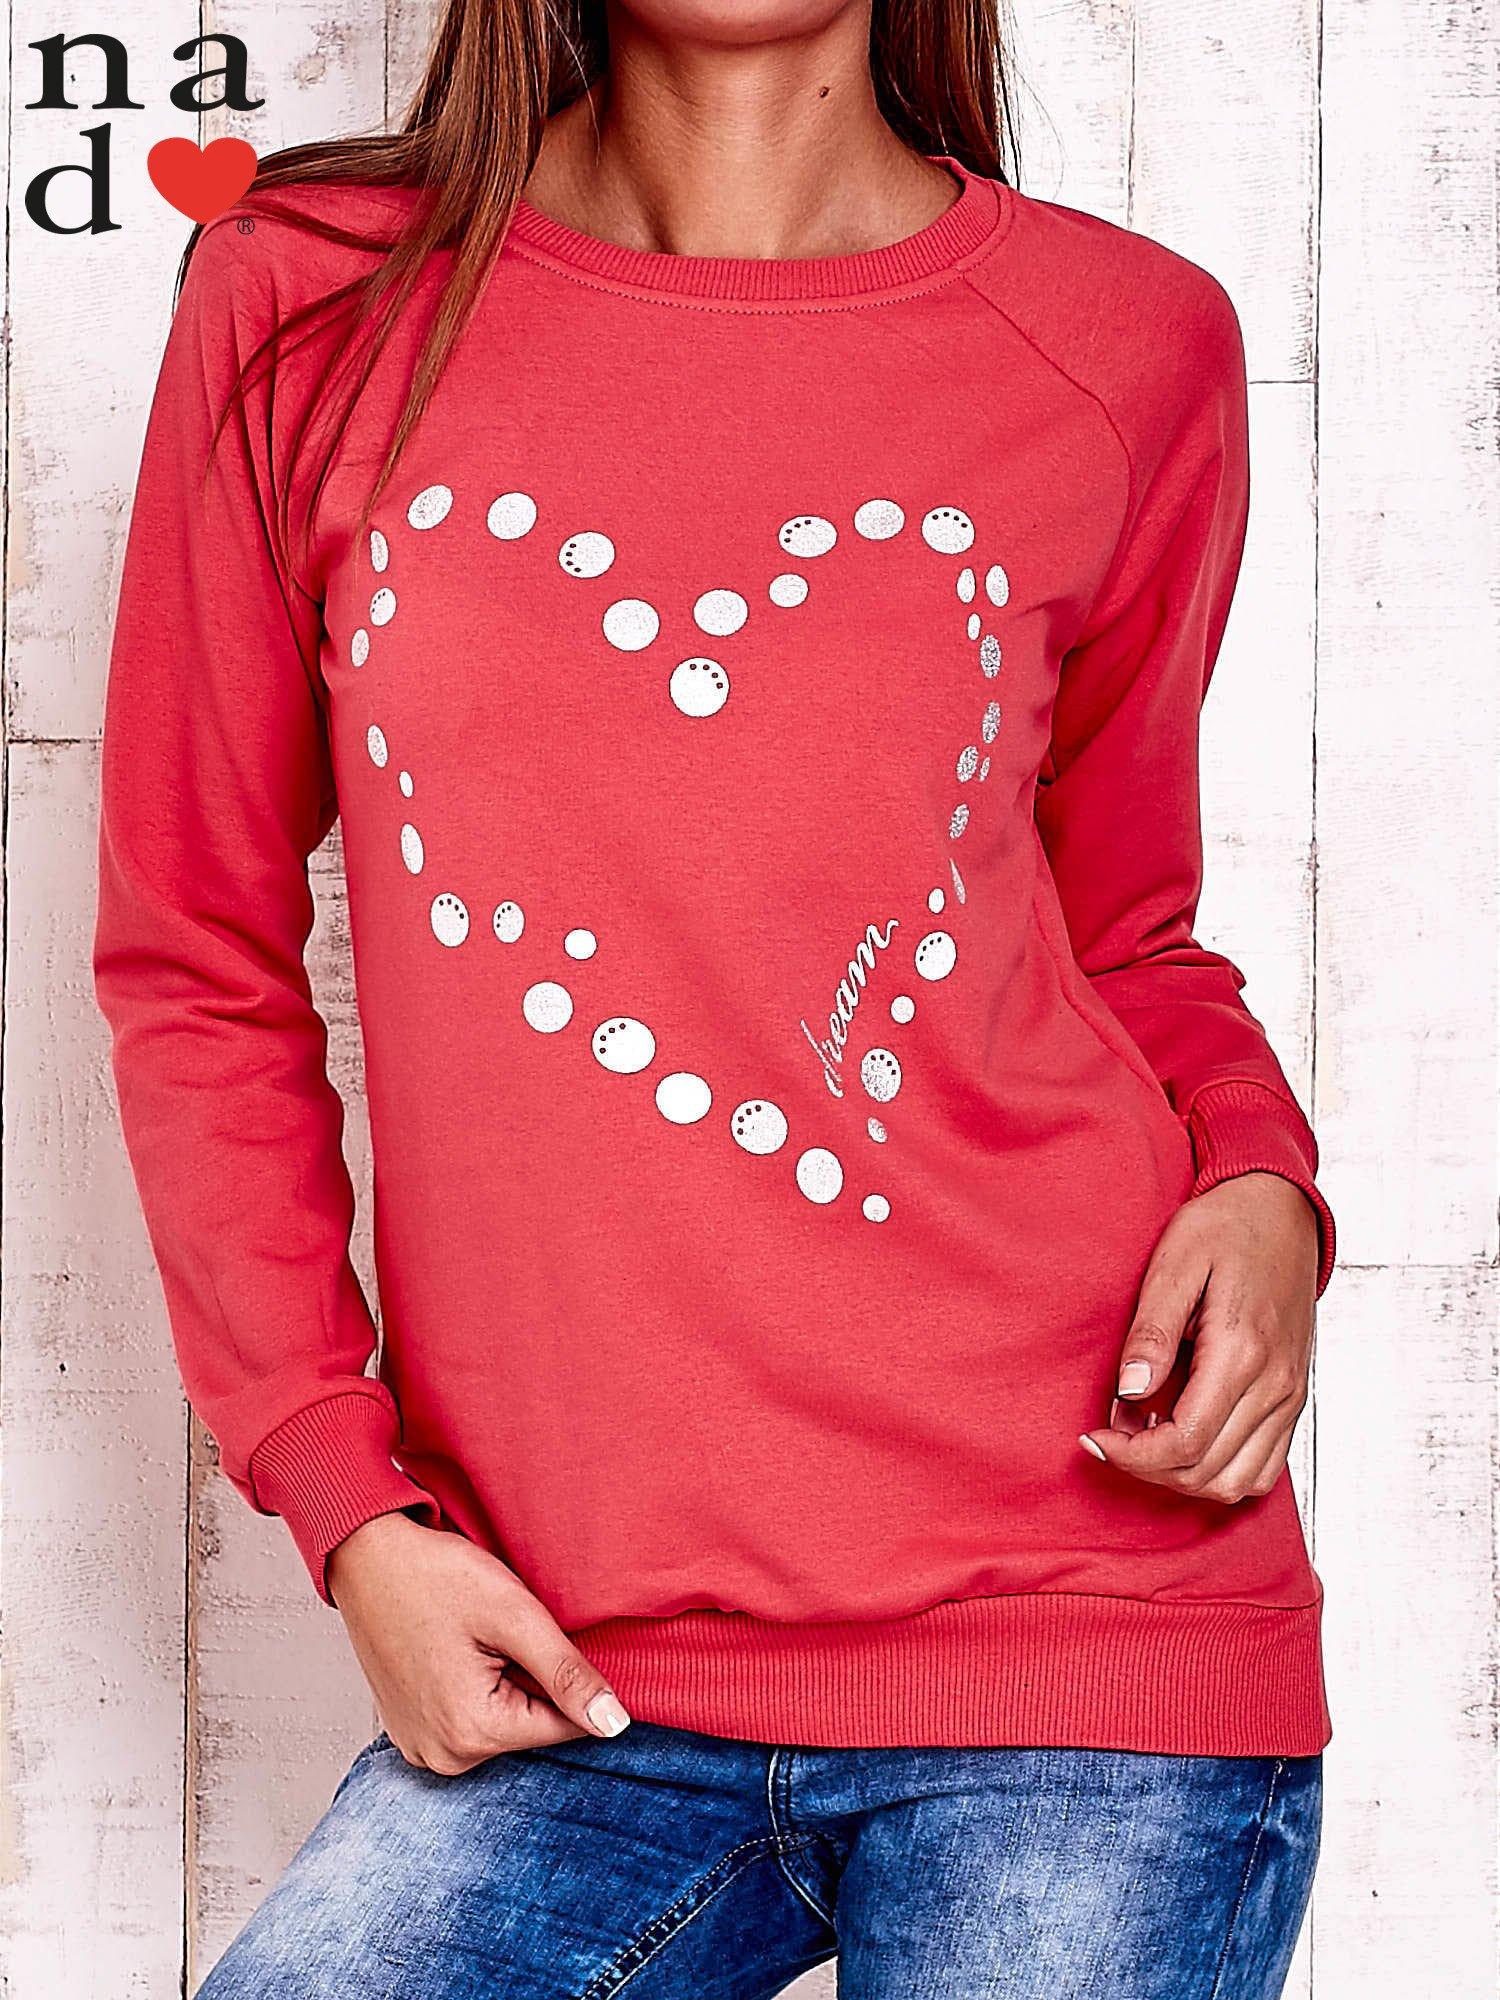 Czerwona bluza z wzorem serca                                  zdj.                                  1